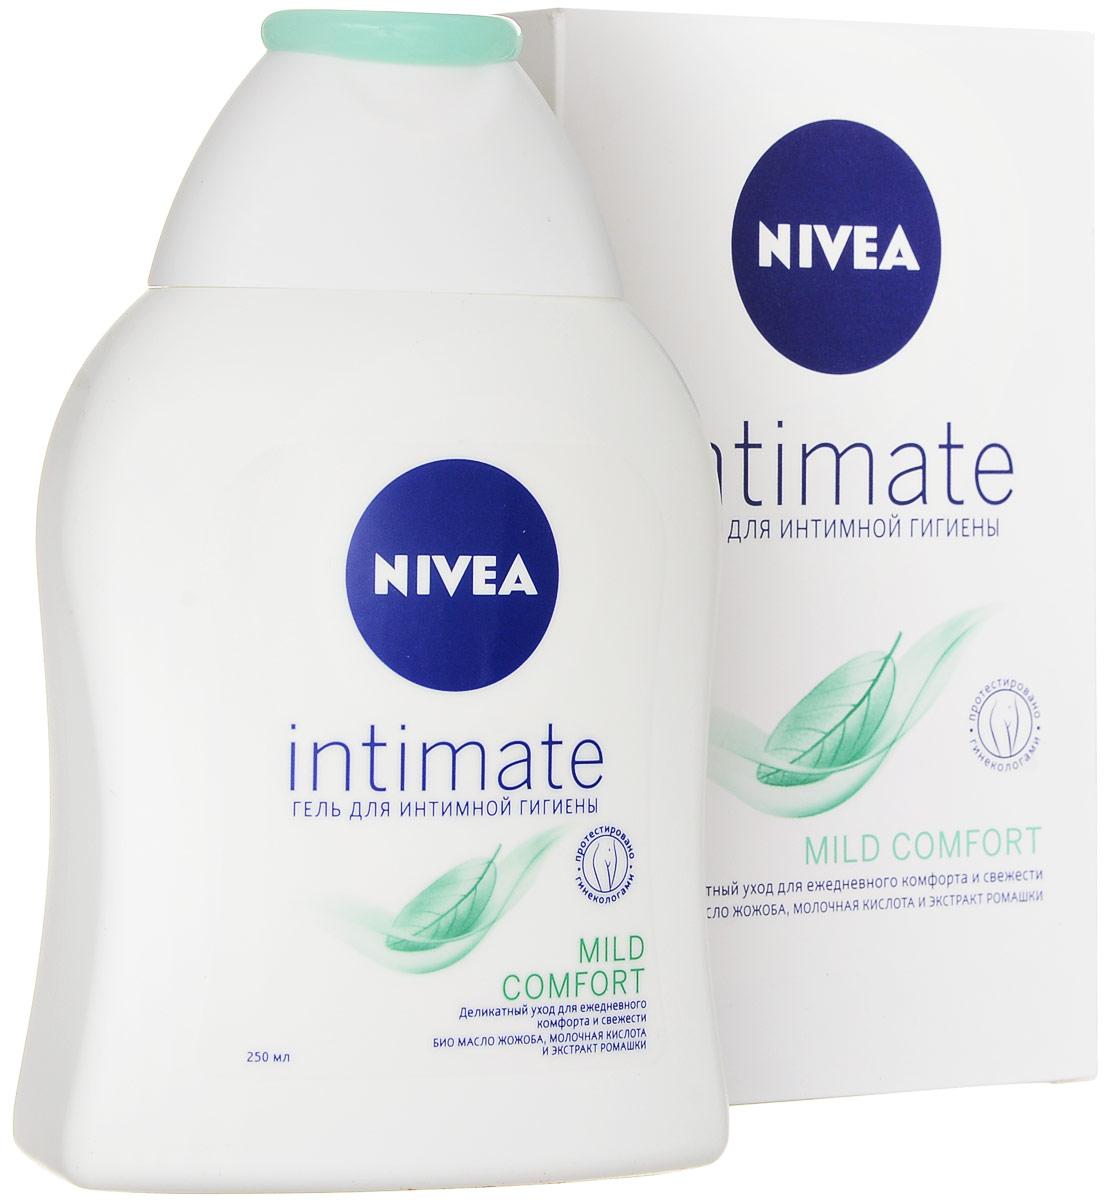 NIVEA Гель для интимной гигиены Mild Comfort, 250 мл nivea